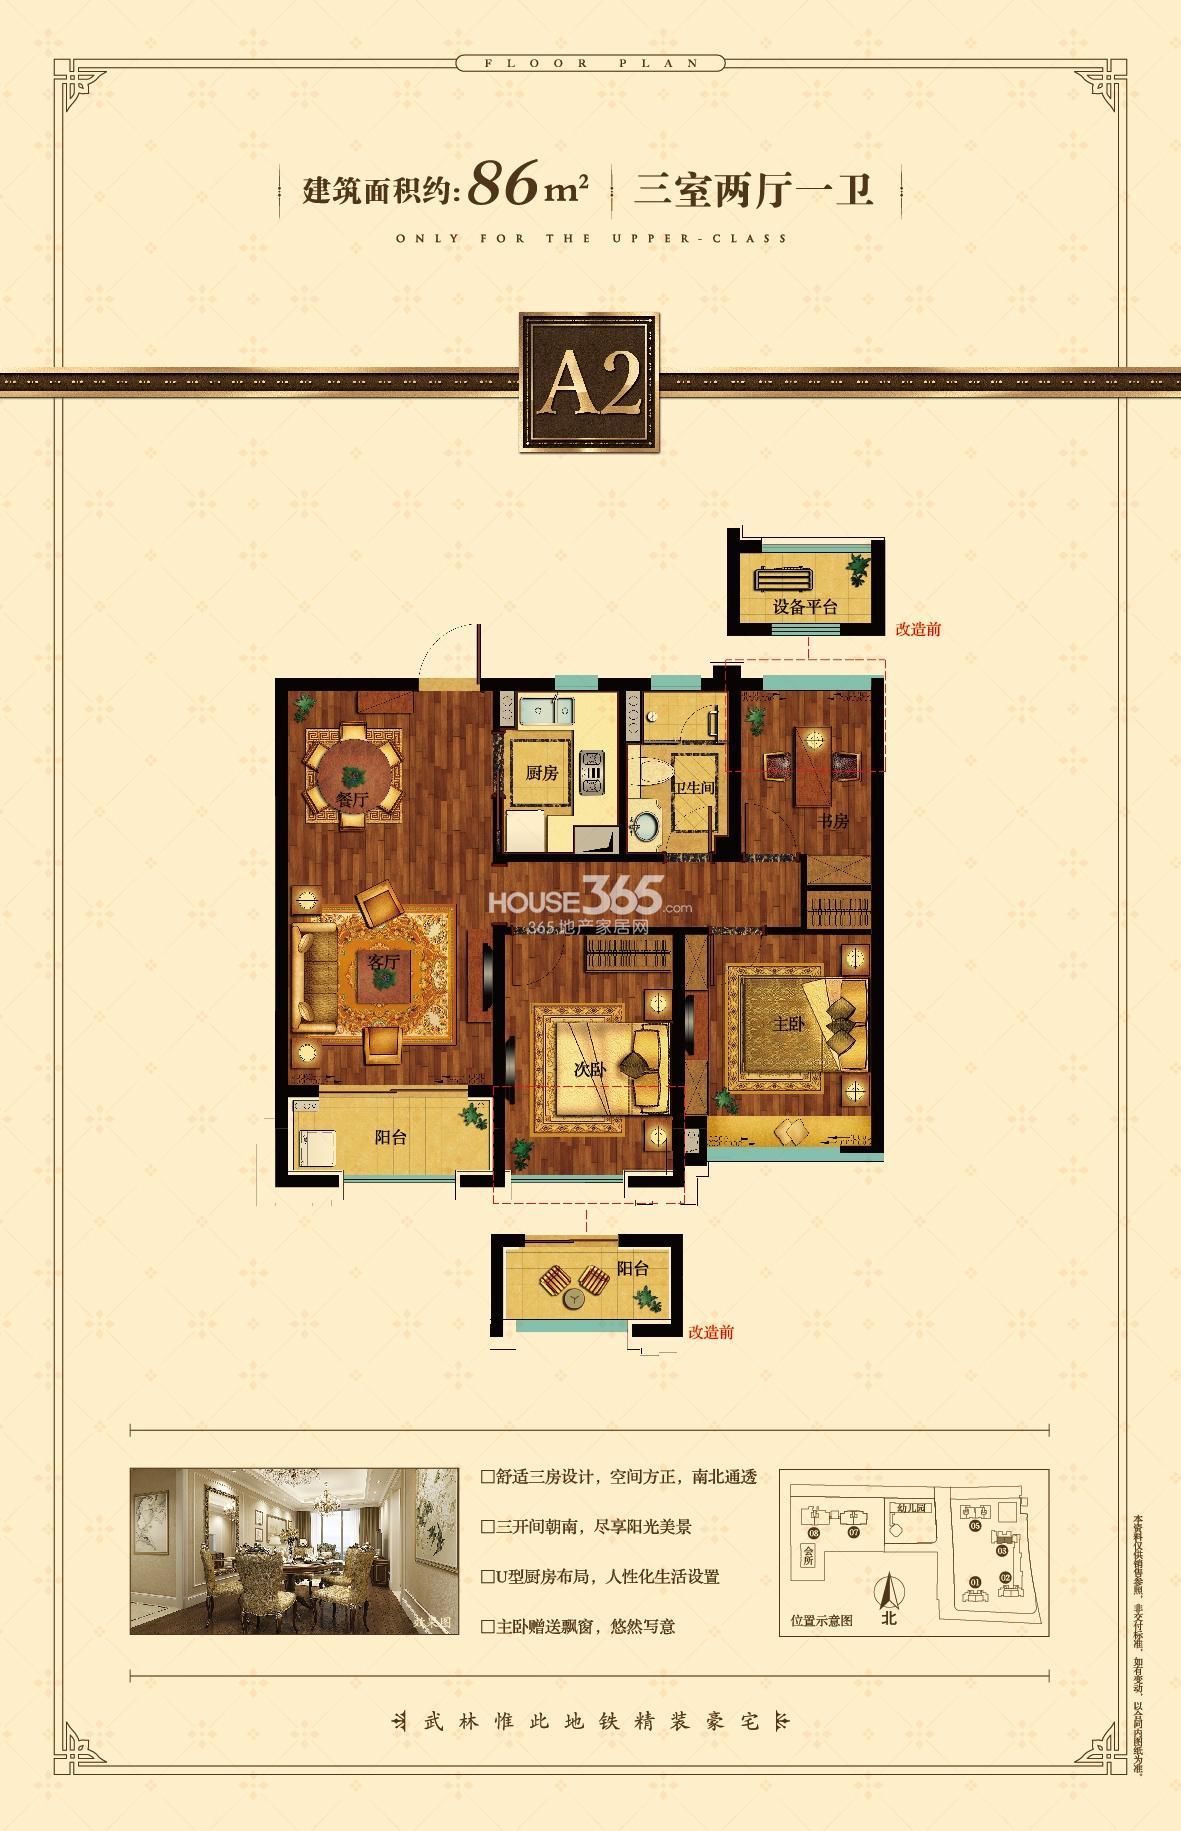 九龙仓君玺3号楼A2户型 86㎡ 三室两厅一卫